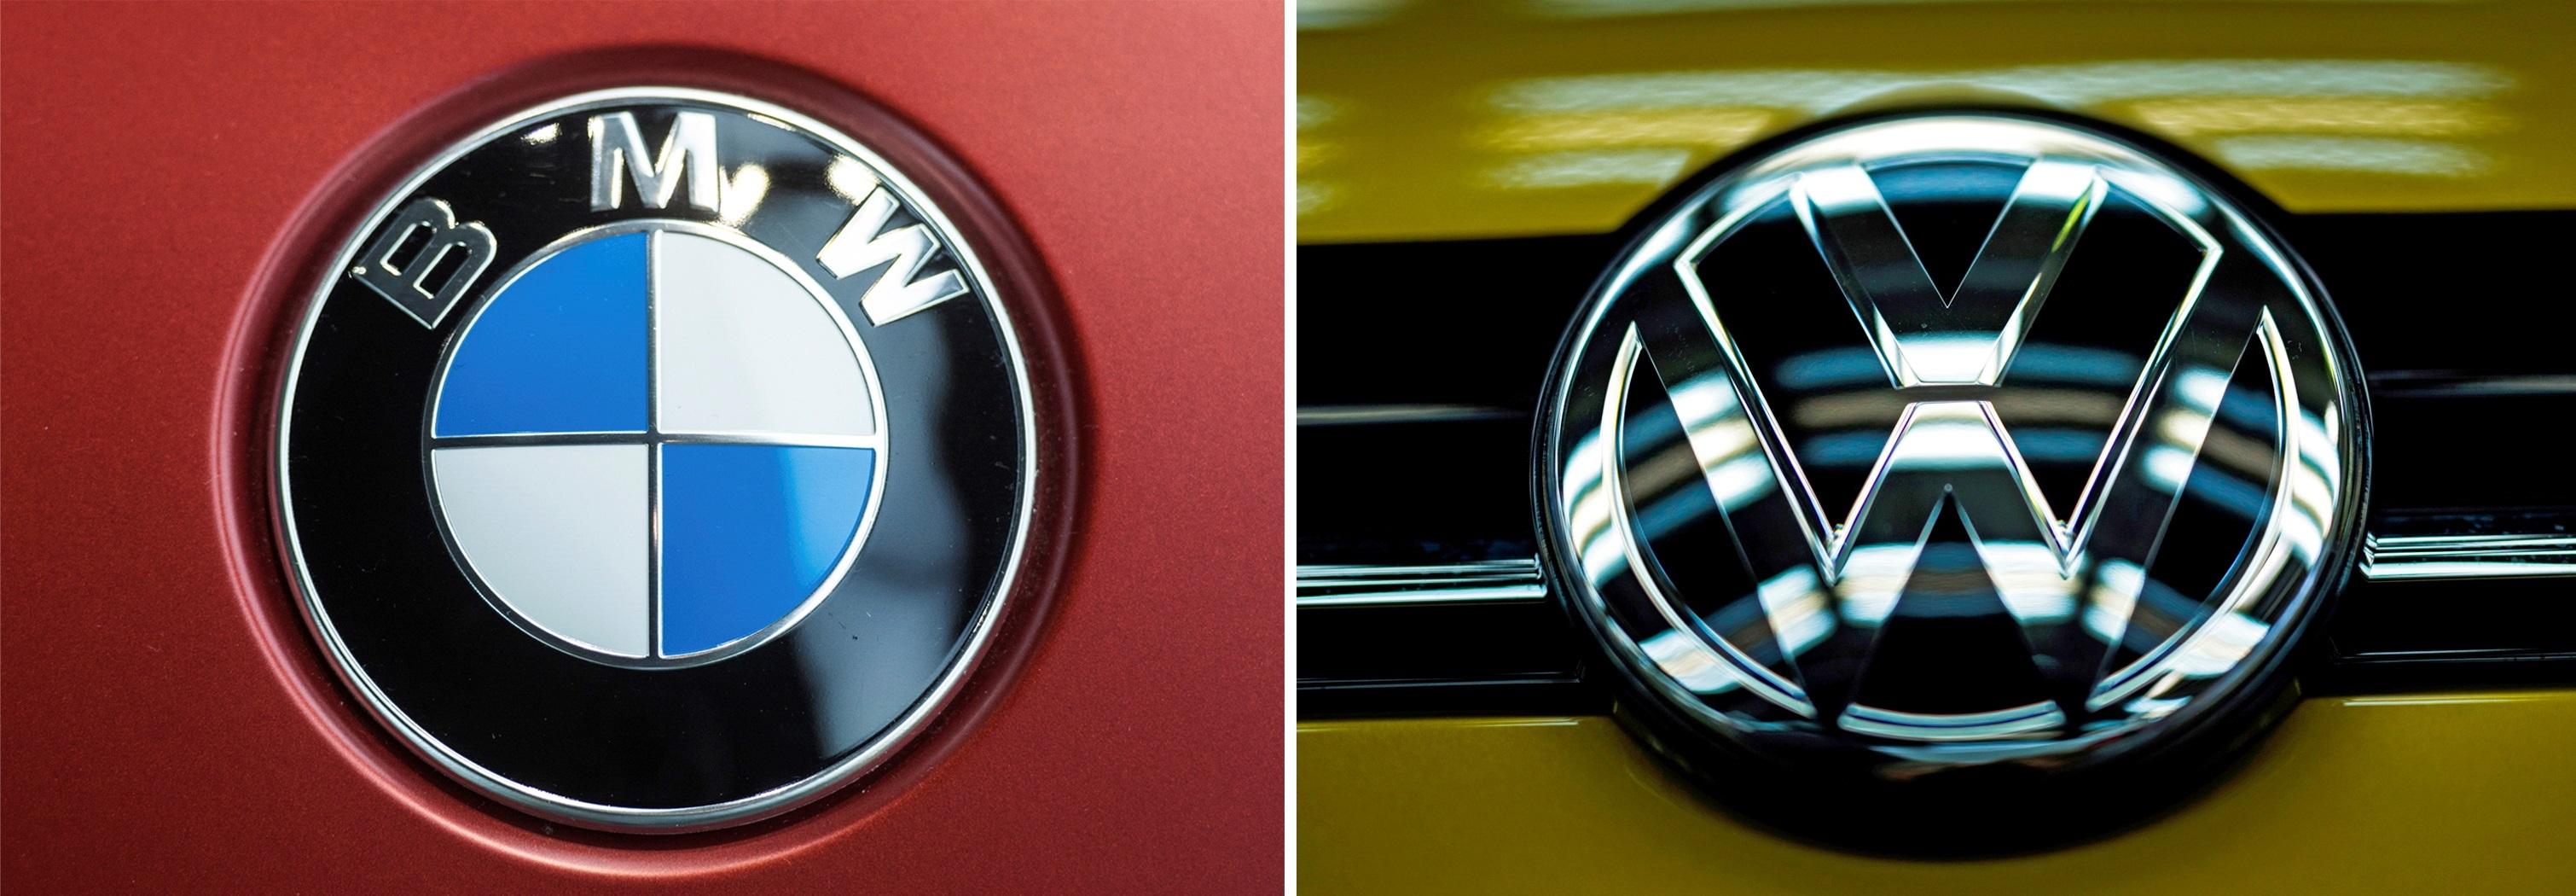 Bruselas multa a BMW y Volkswagen con 875 millones por formar un cártel -  Infobae